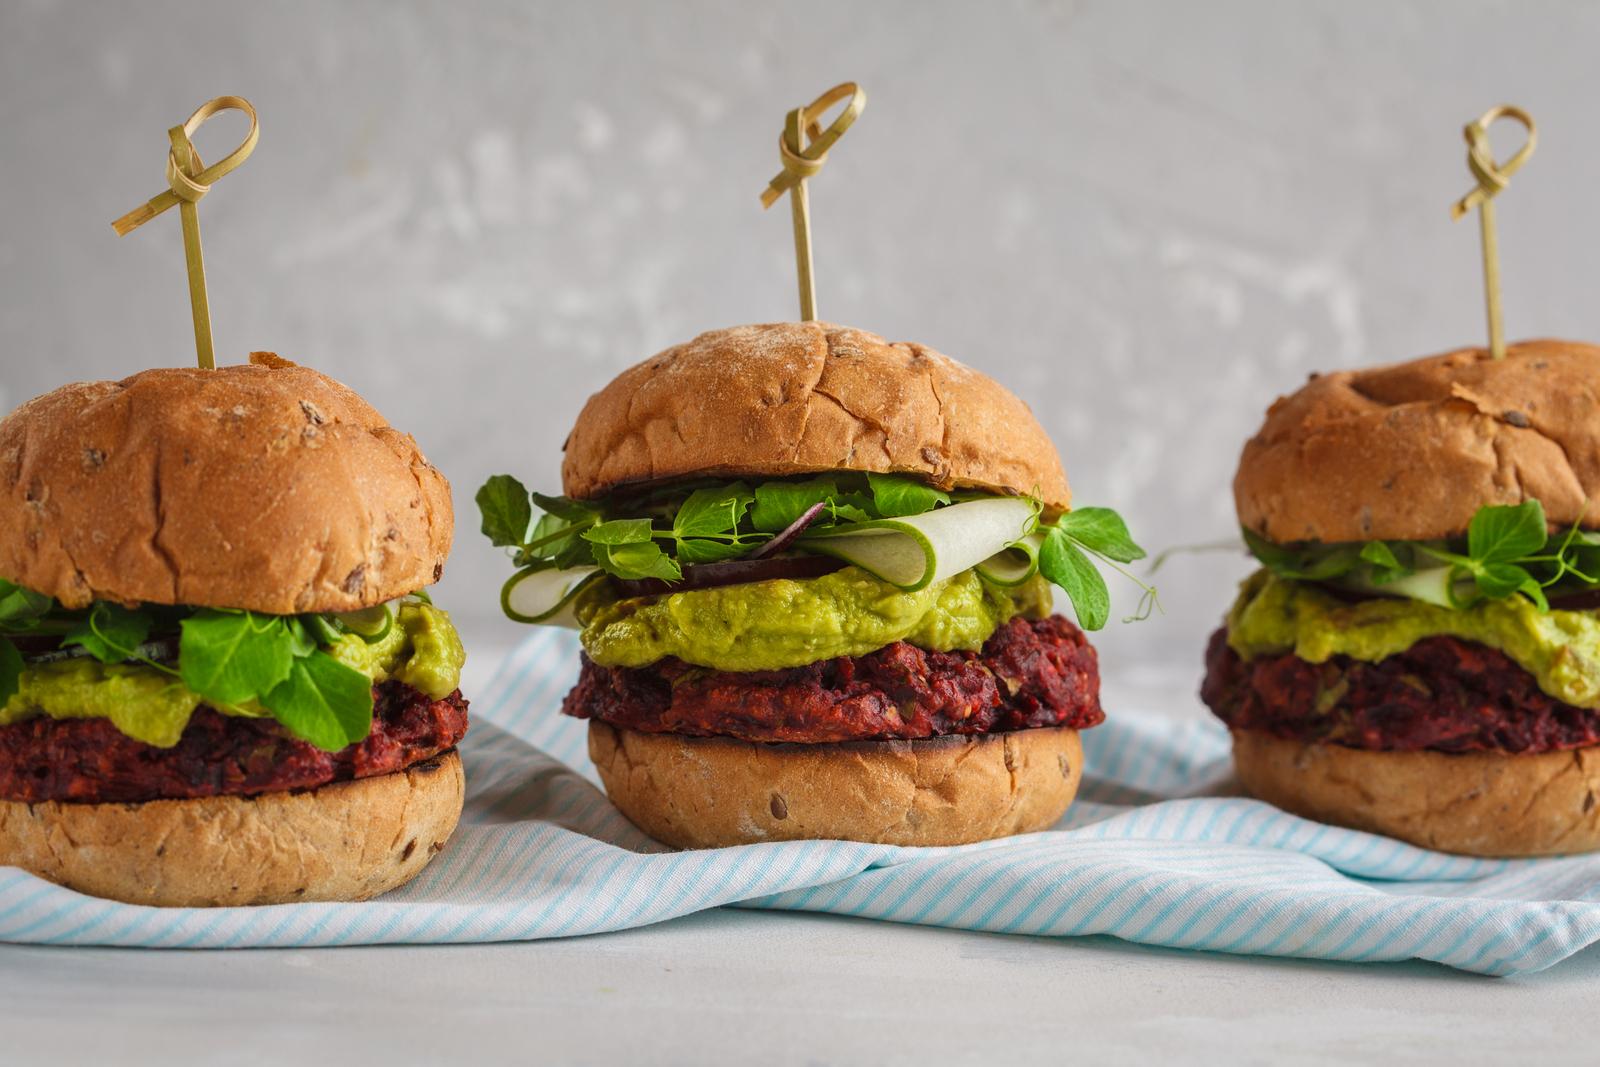 Zeleninový hamburger, ale i bezlepkový hamburger je skvělé zpestření jídelníčku